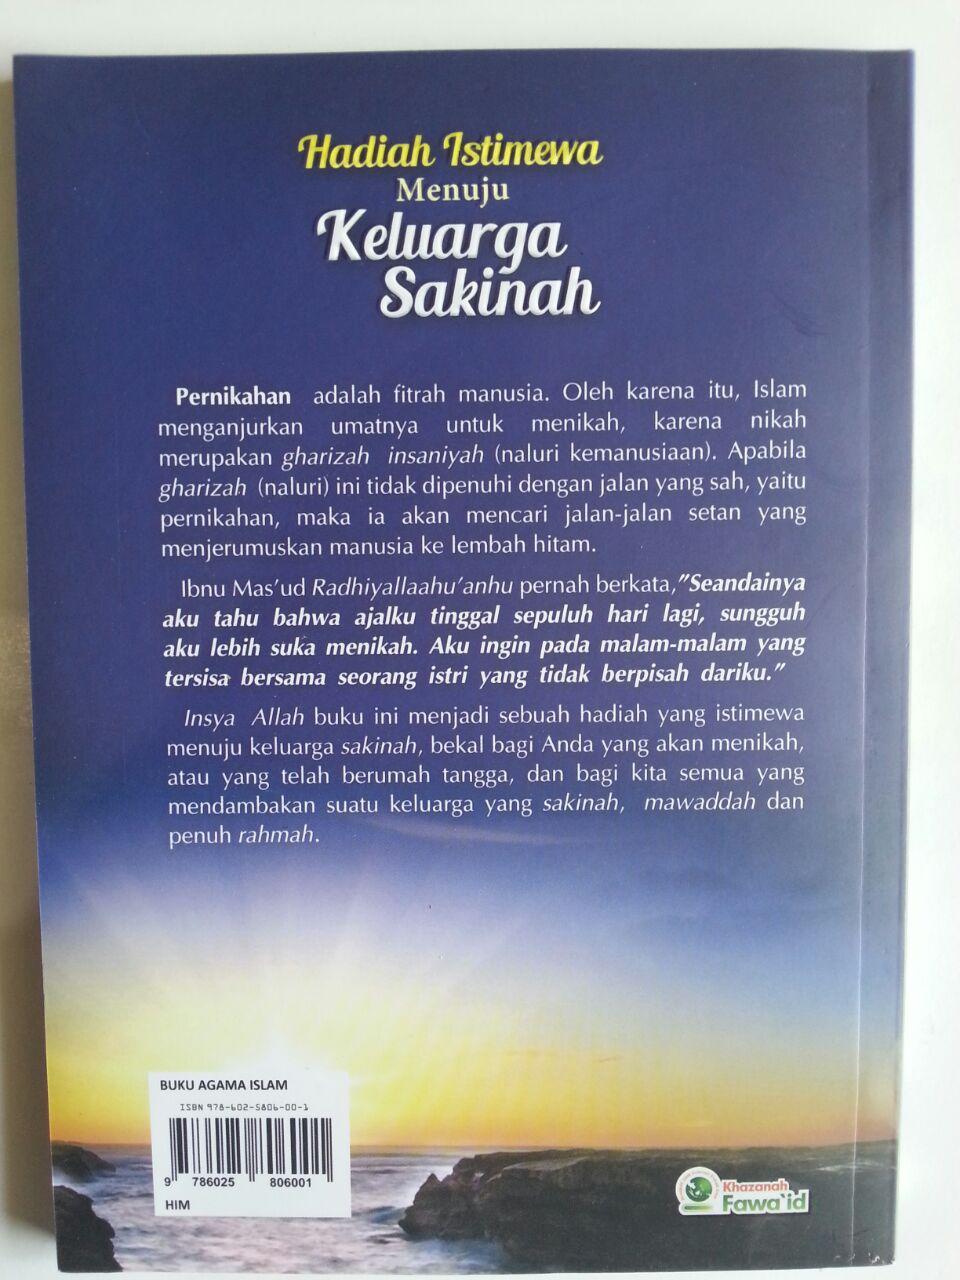 Buku Hadiah Istimewa Menuju Keluarga Sakinah cover